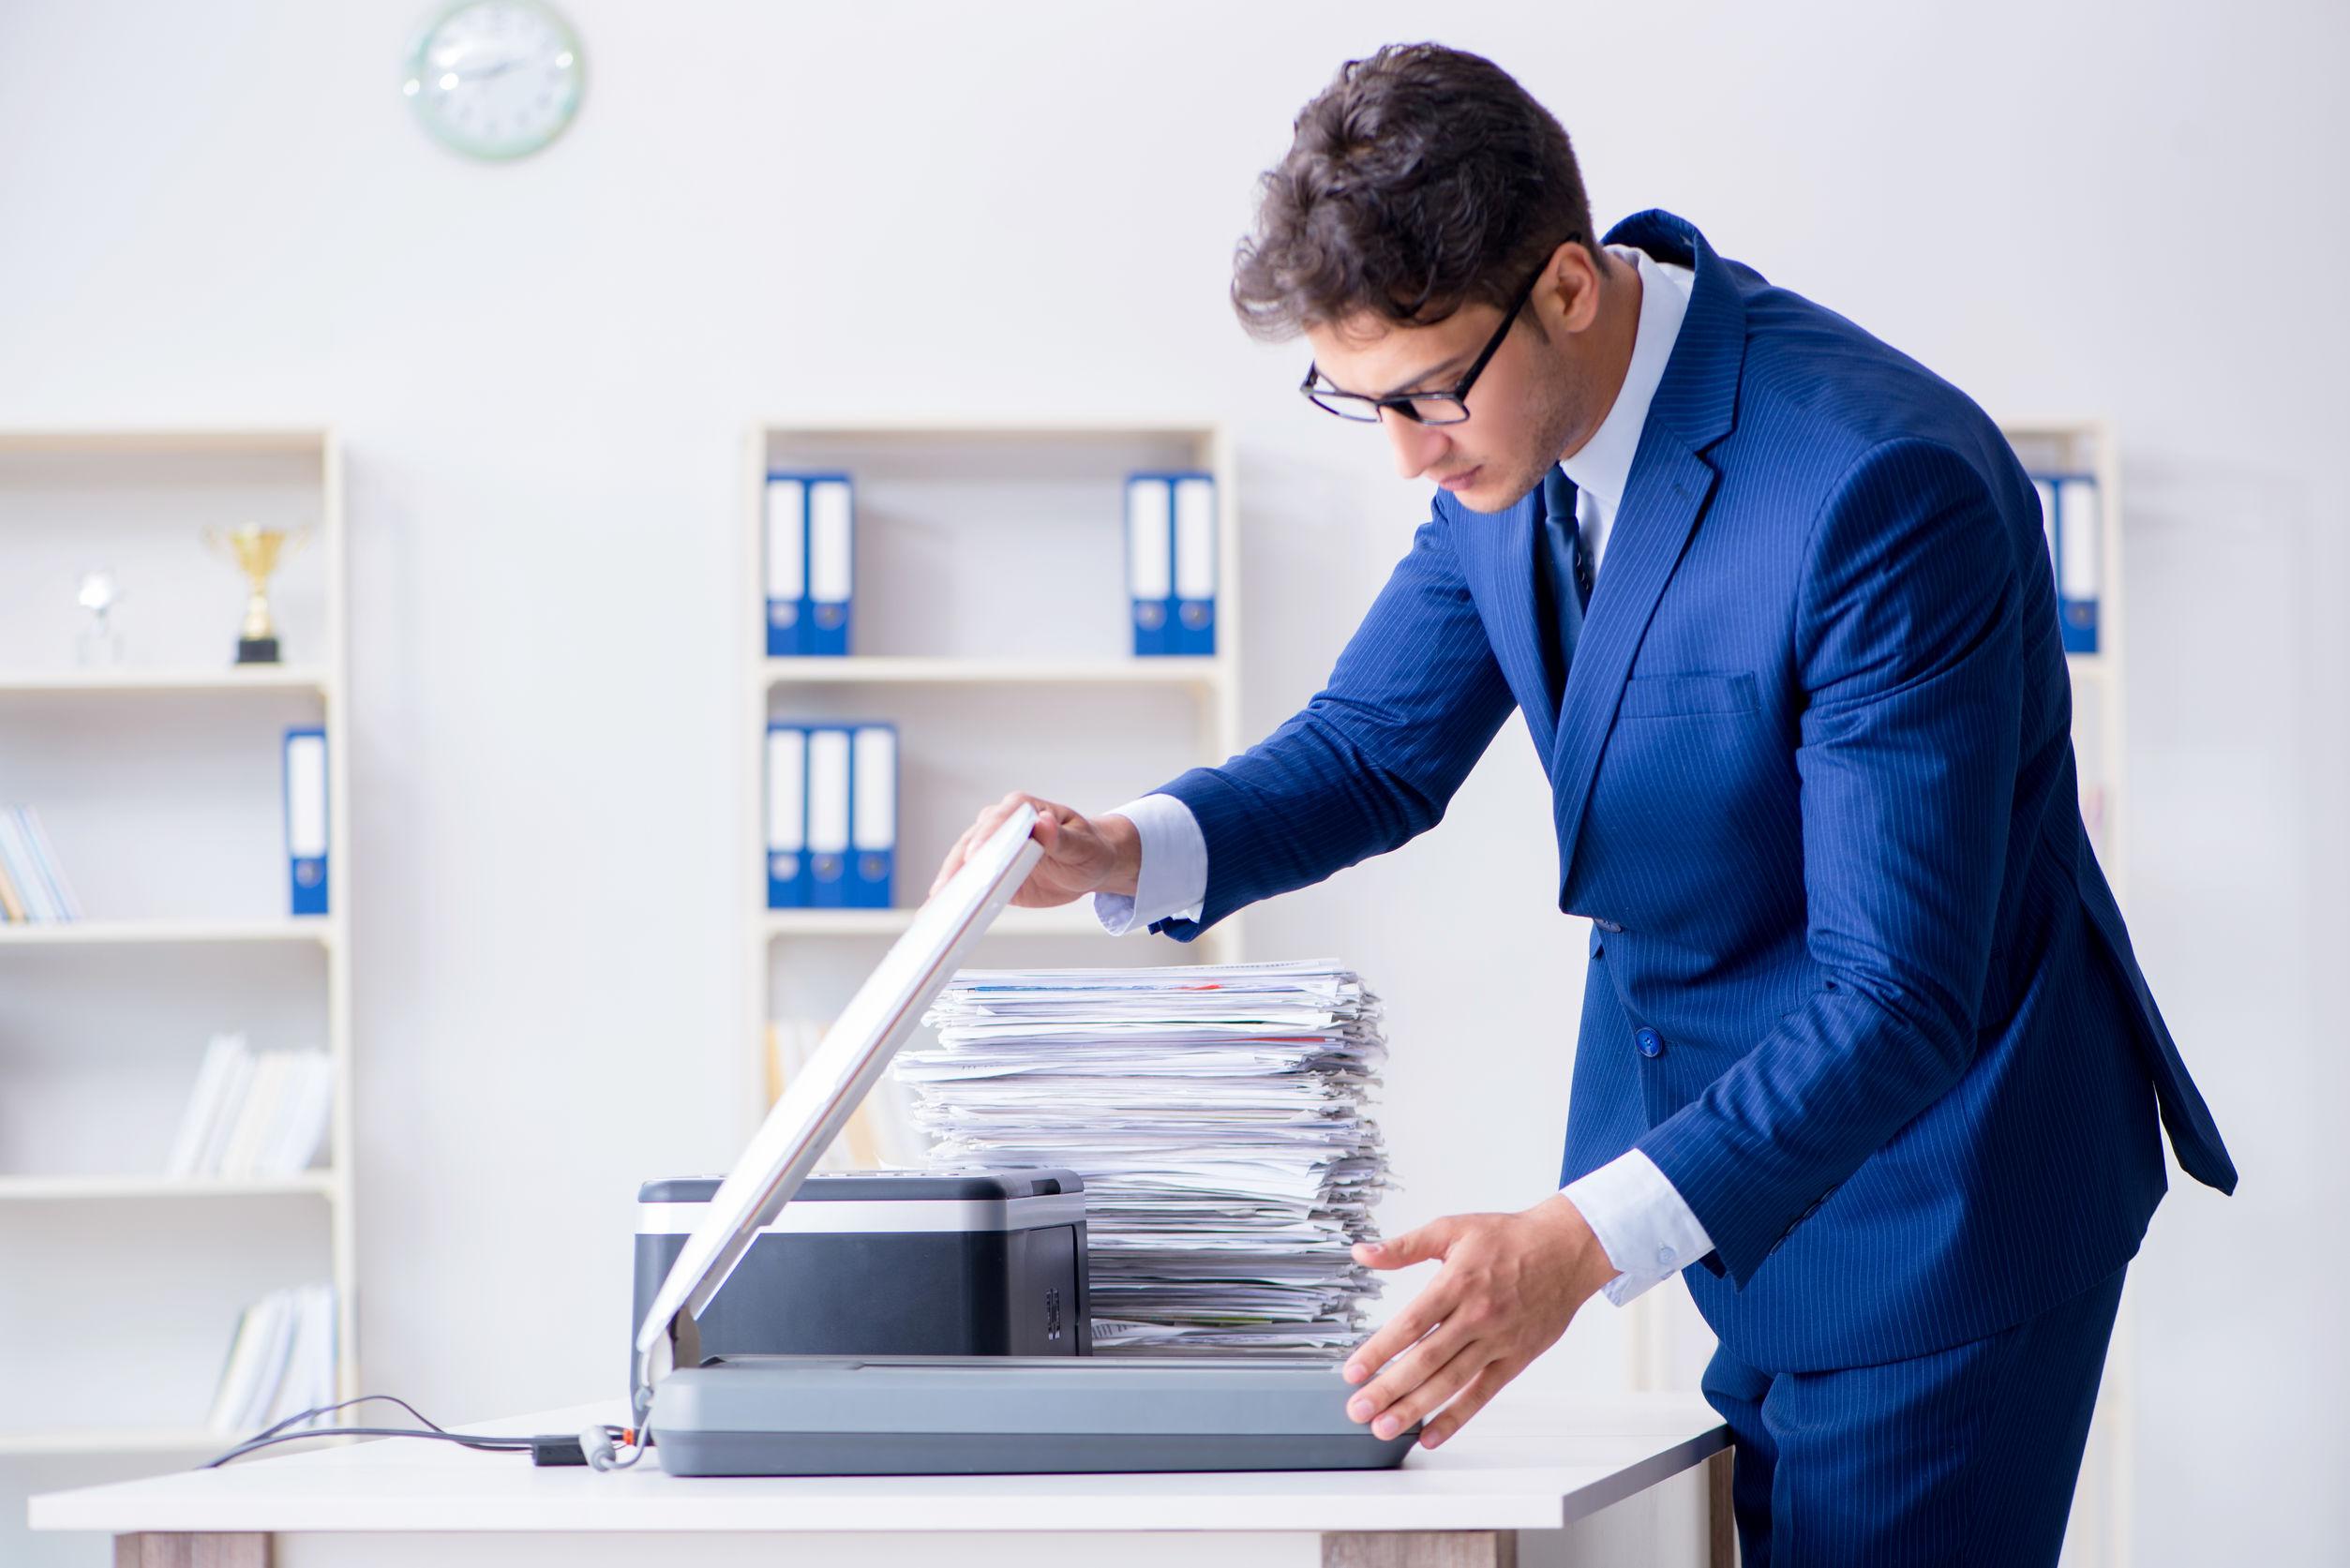 oficinista con escaner